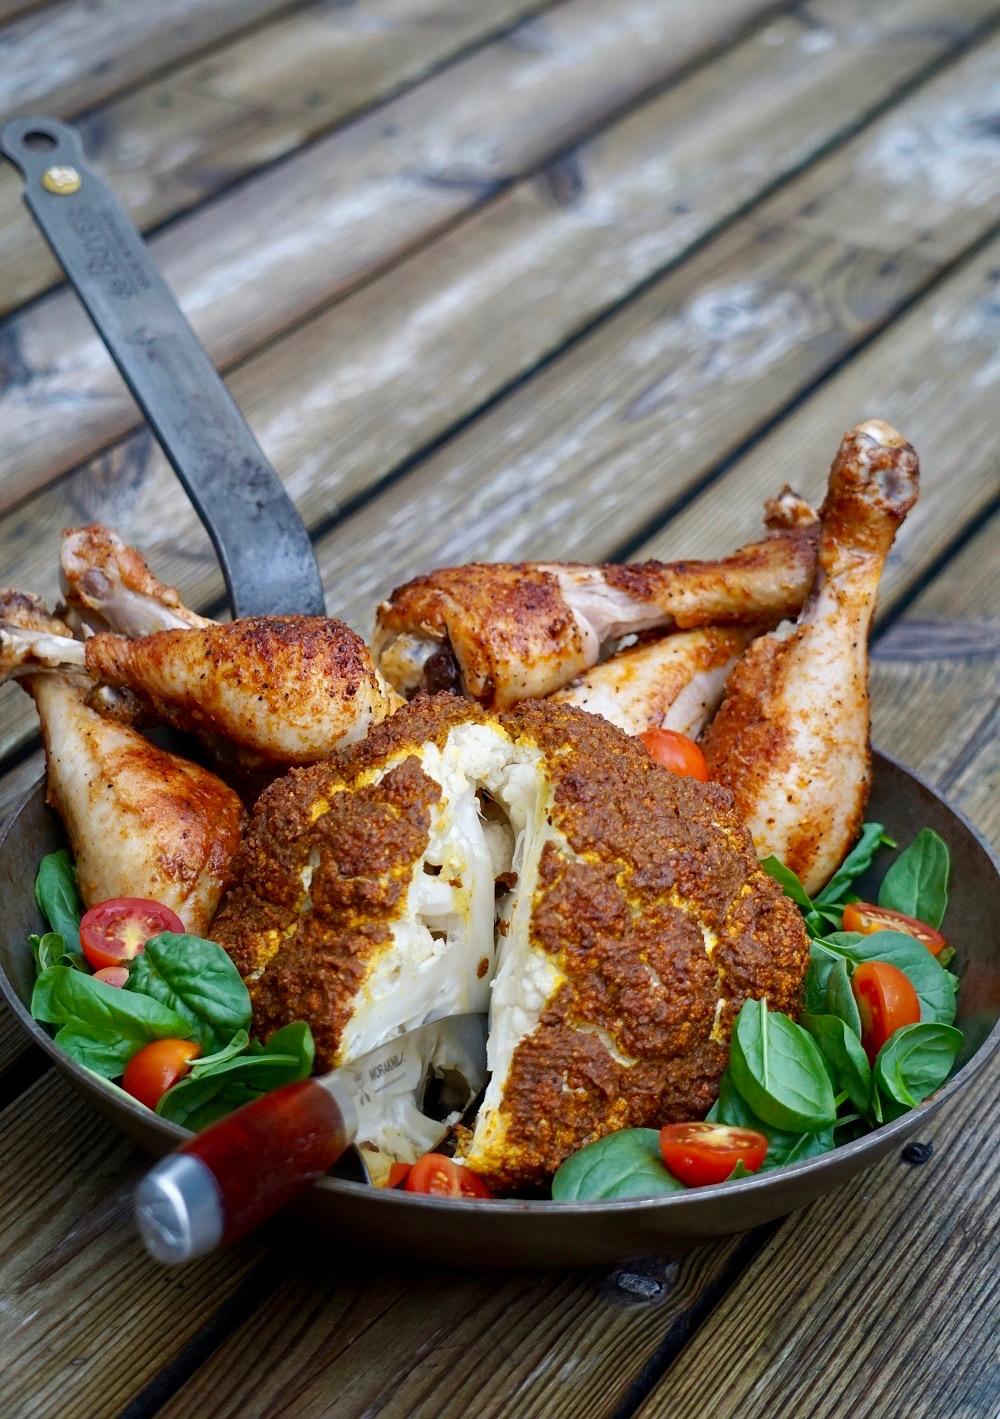 Helrostad blomkål och grillade kycklingben i en stekpanna